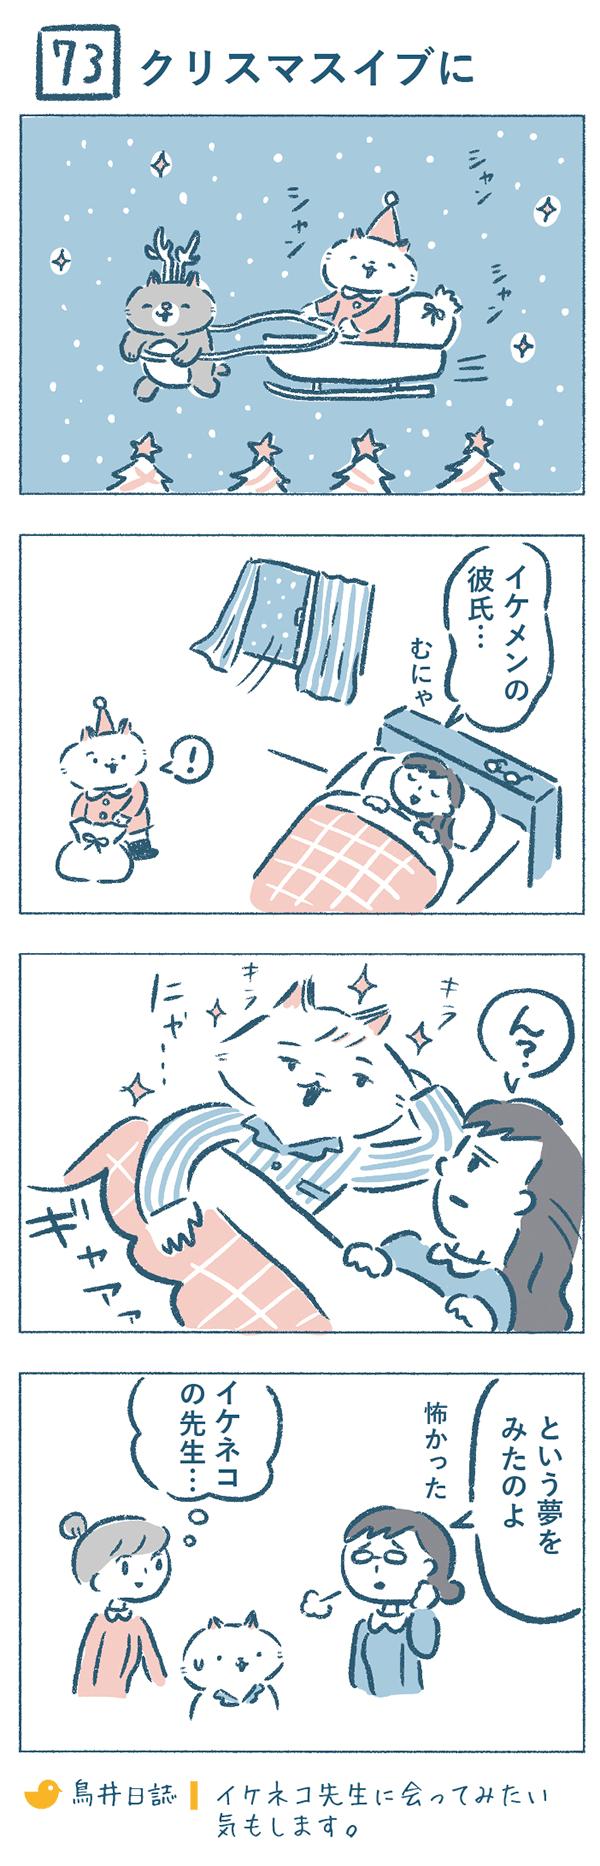 クリスマスイブの夜、寝ている熊野さんのもとにネコヤマサンタがやってきました。「イケメンの彼氏…。」と願いをかなえようと、イケメンのネコ人間になって添い寝してあげるネコヤマサンタを見て、熊野さんは「ギャアア」と叫びました。なんとそれは熊野さんの夢。「怖かった」という熊野さんでしたが、奈央子は『イケネコの先生にちょっと会ってみたい』と思うのでした。